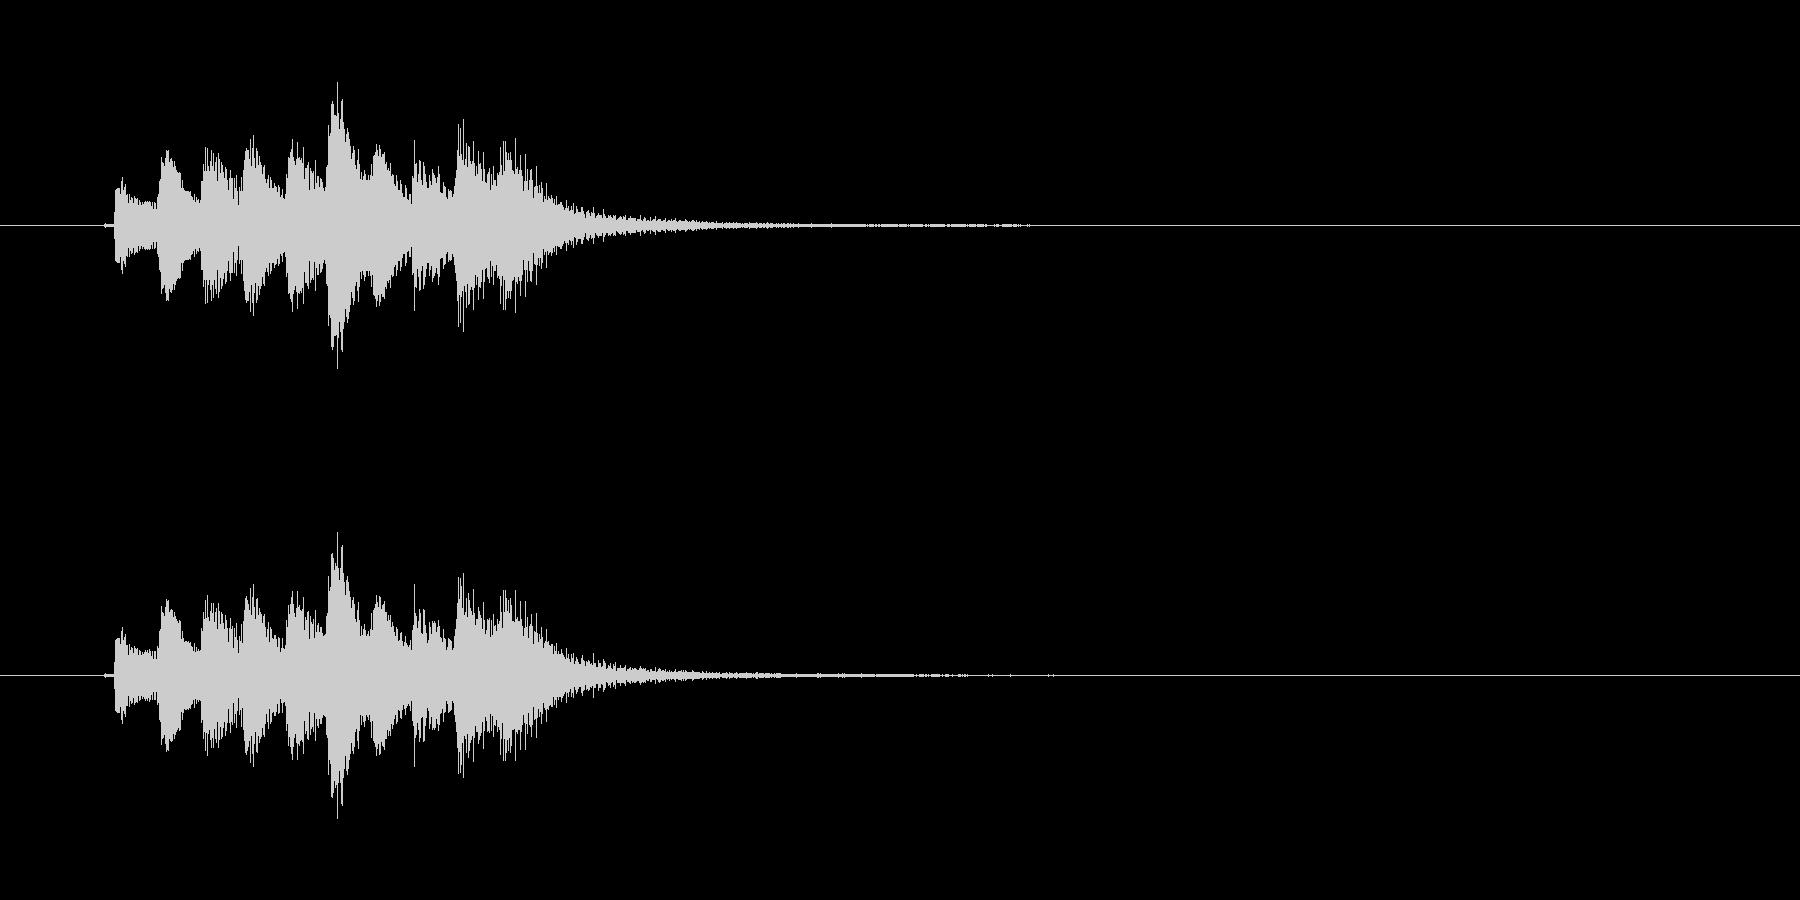 和風効果音 琴5の未再生の波形